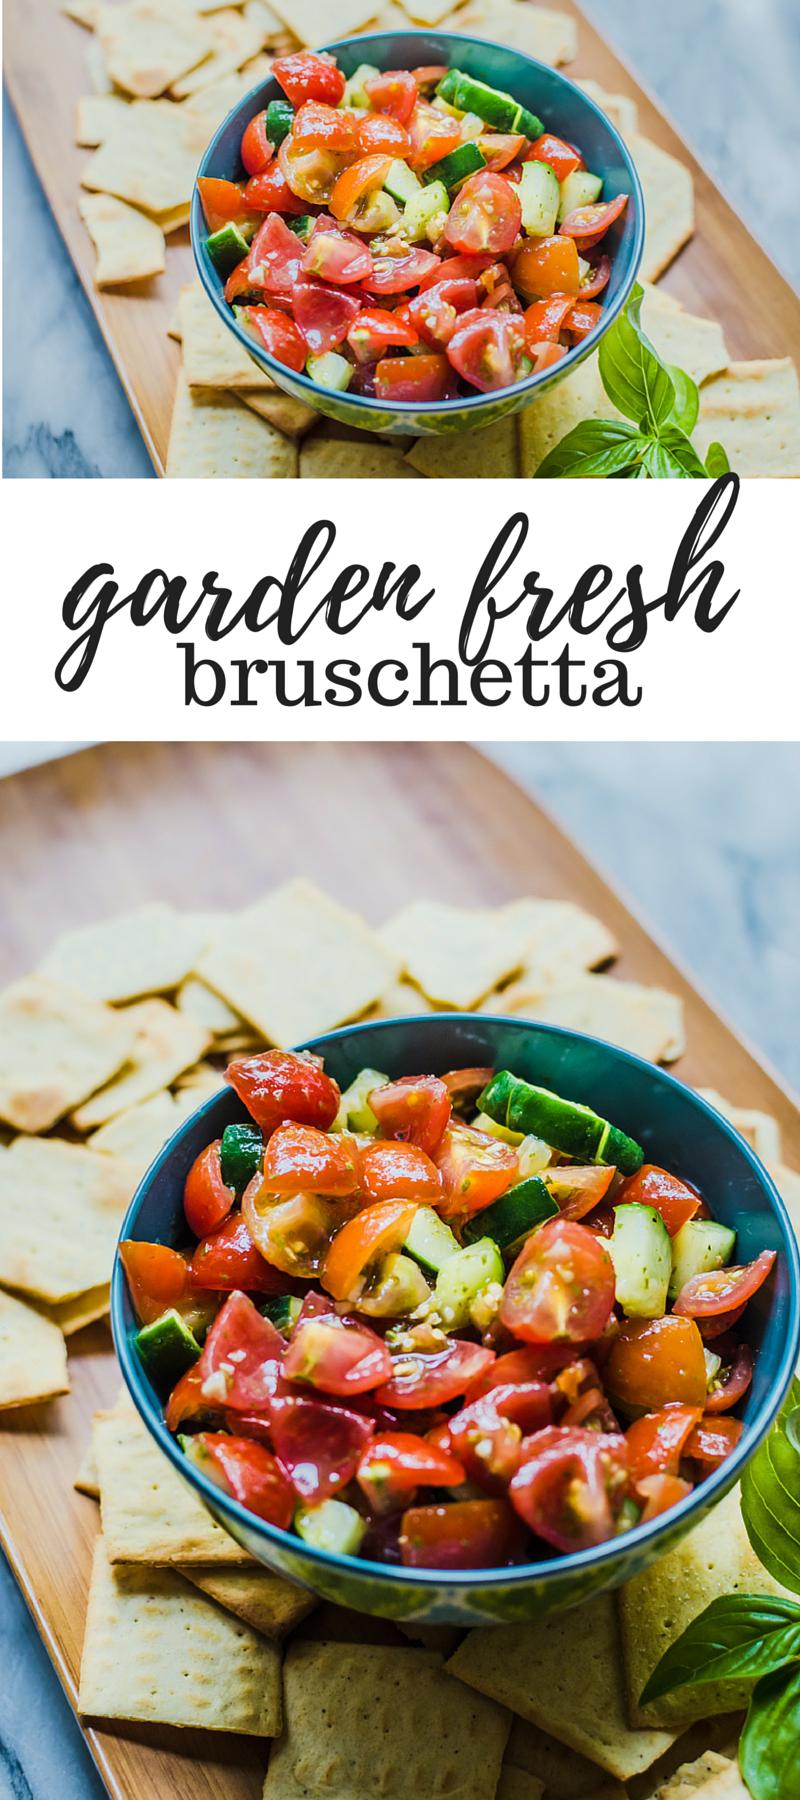 garden fresh bruschetta